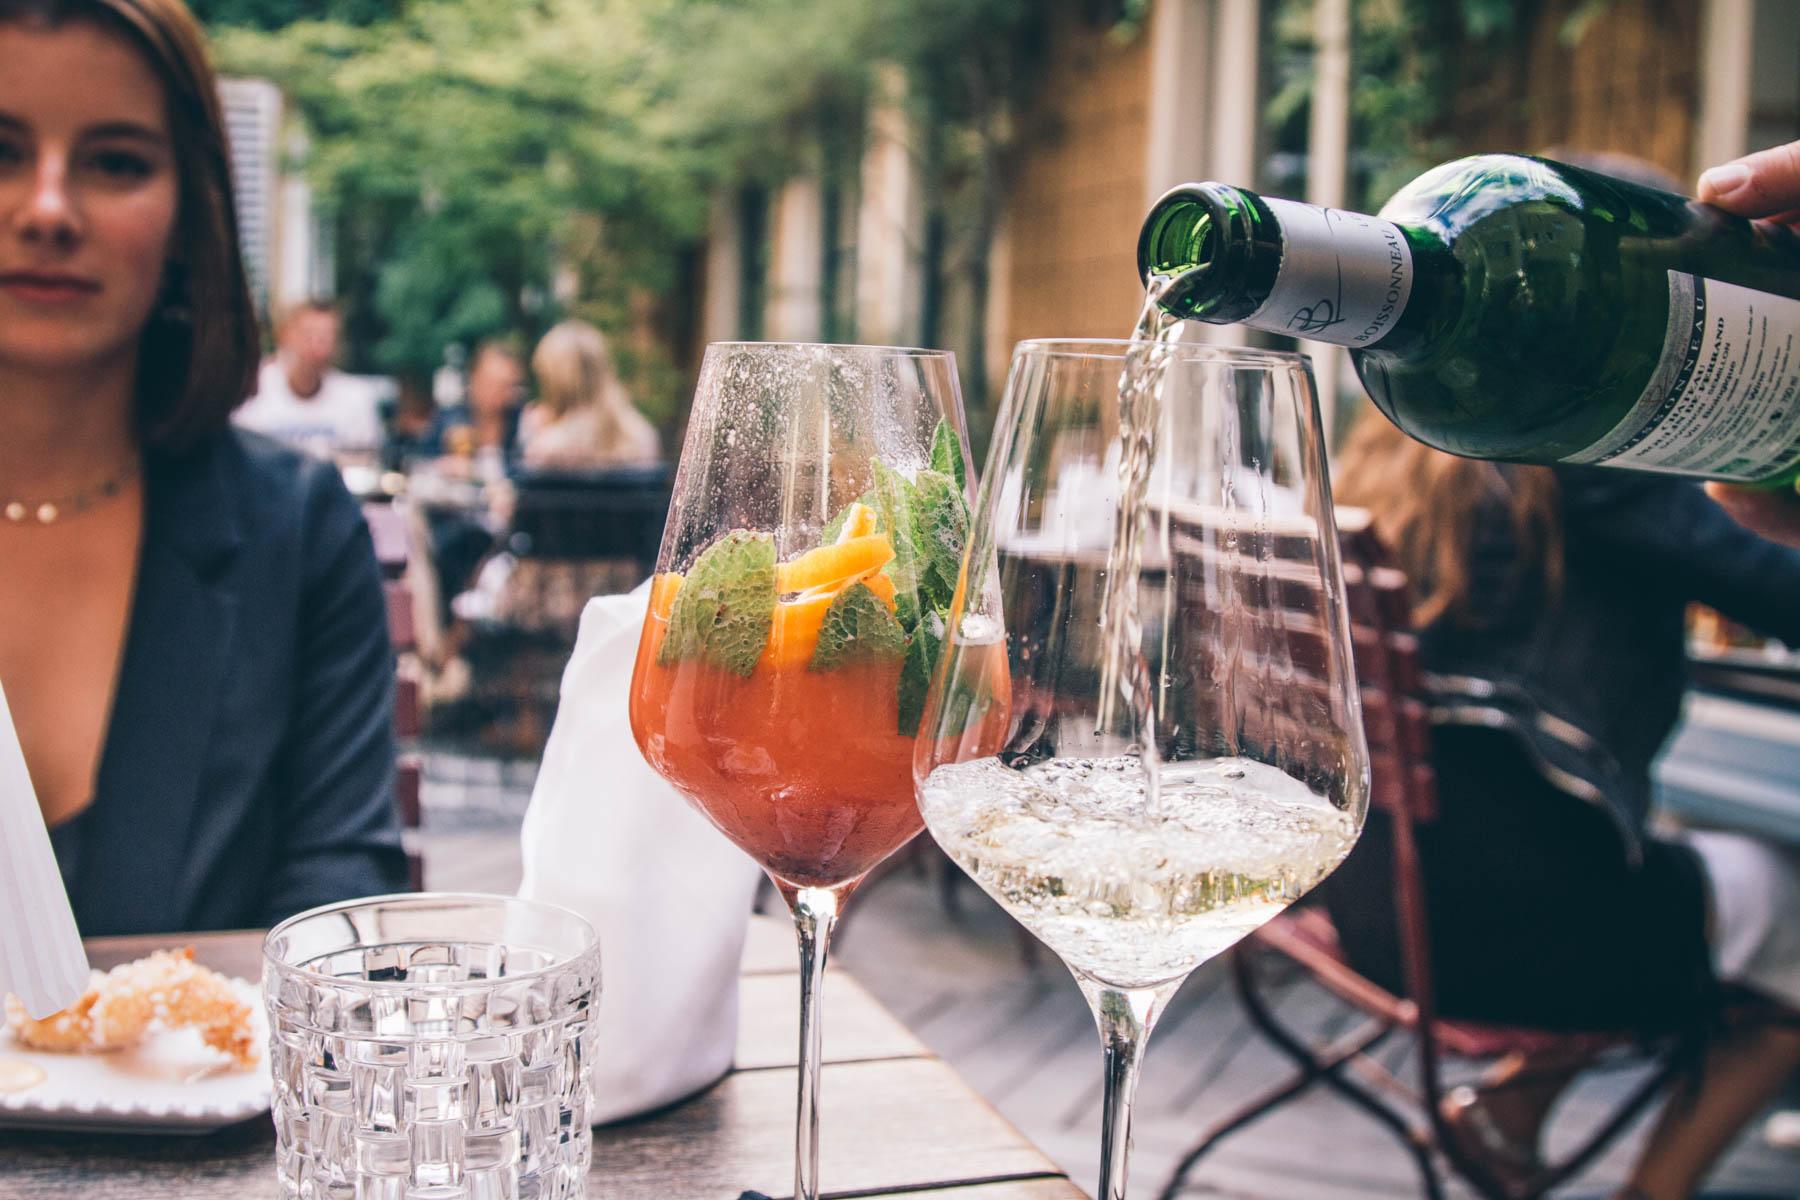 Weinempfehlung von den Lobster Boys. – ©wunderland media GmbH